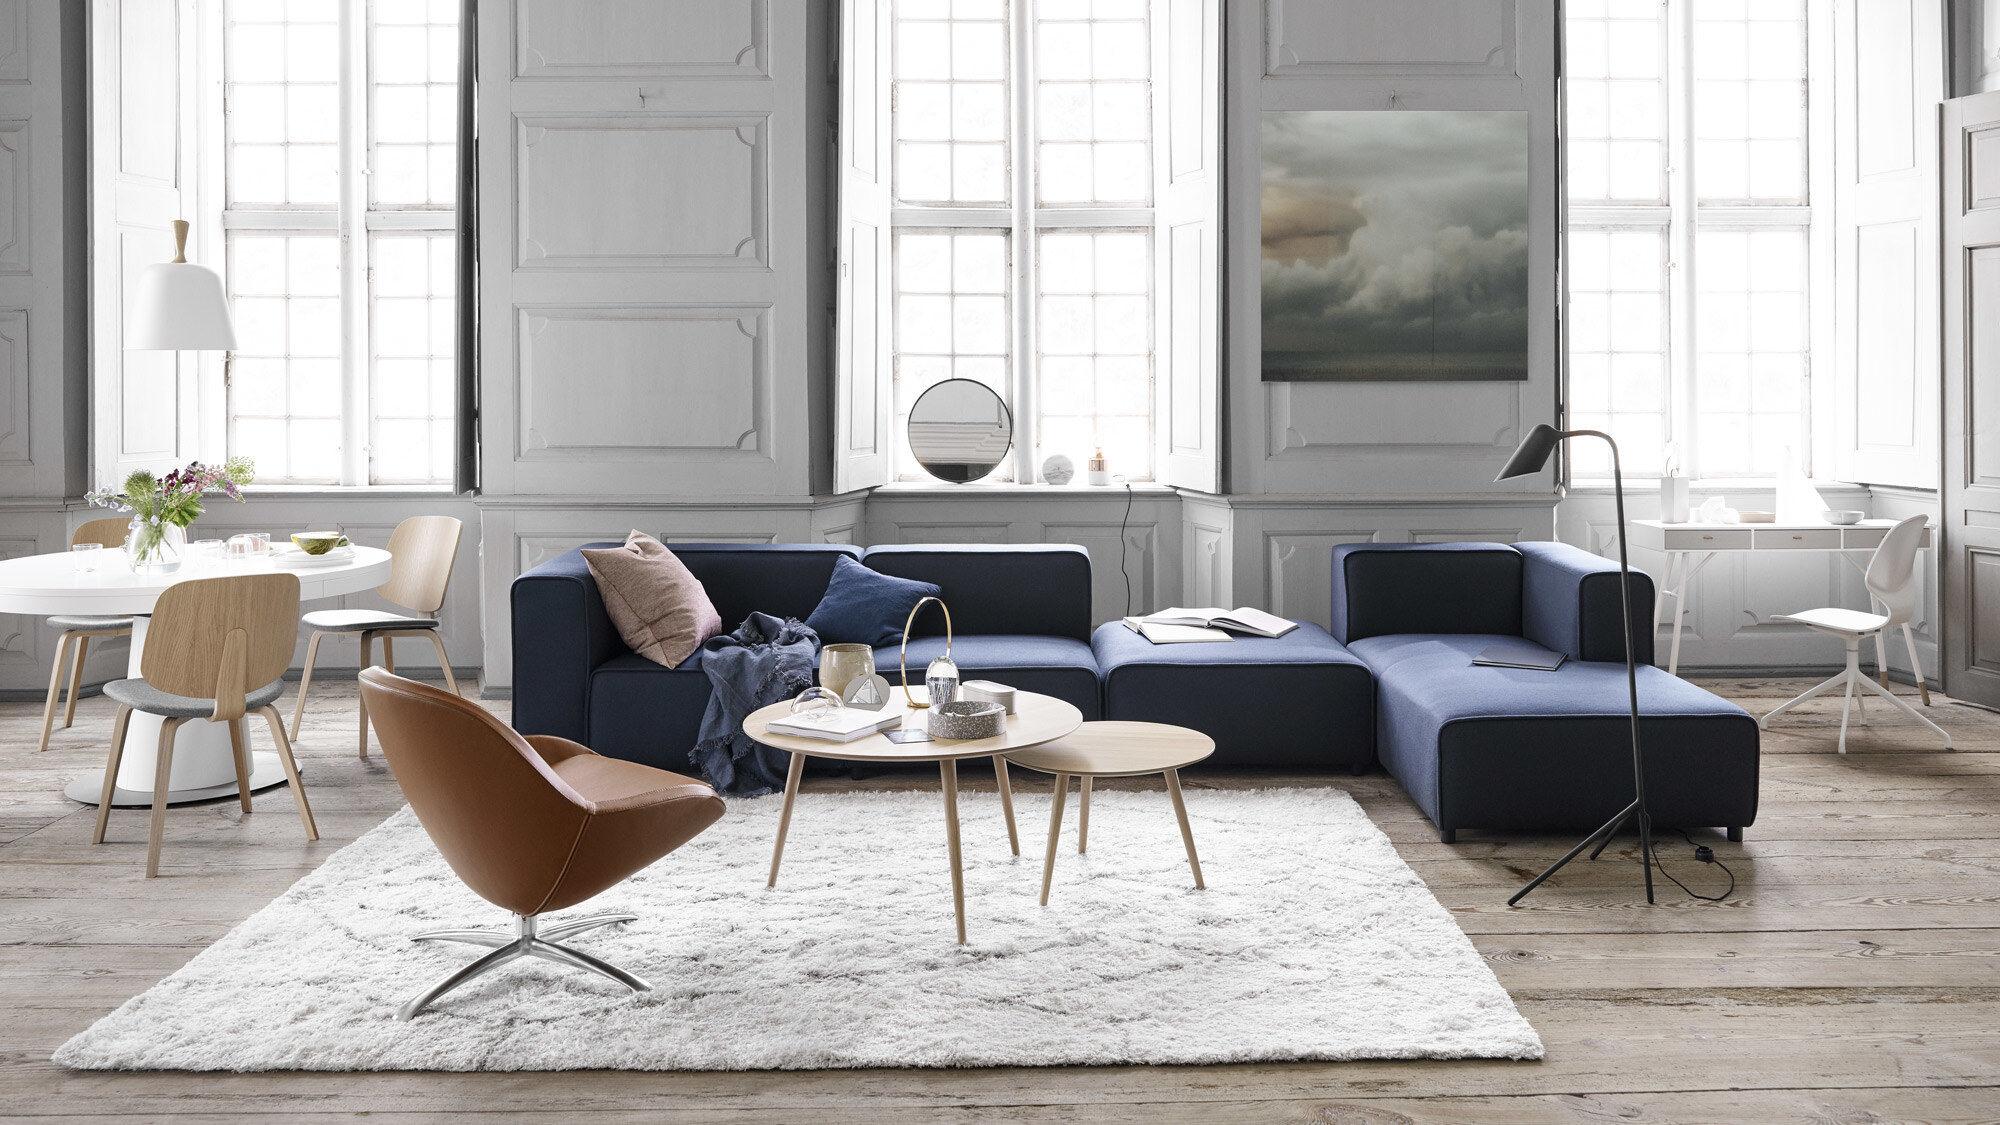 Lænestole - Veneto stol med drejefunktion